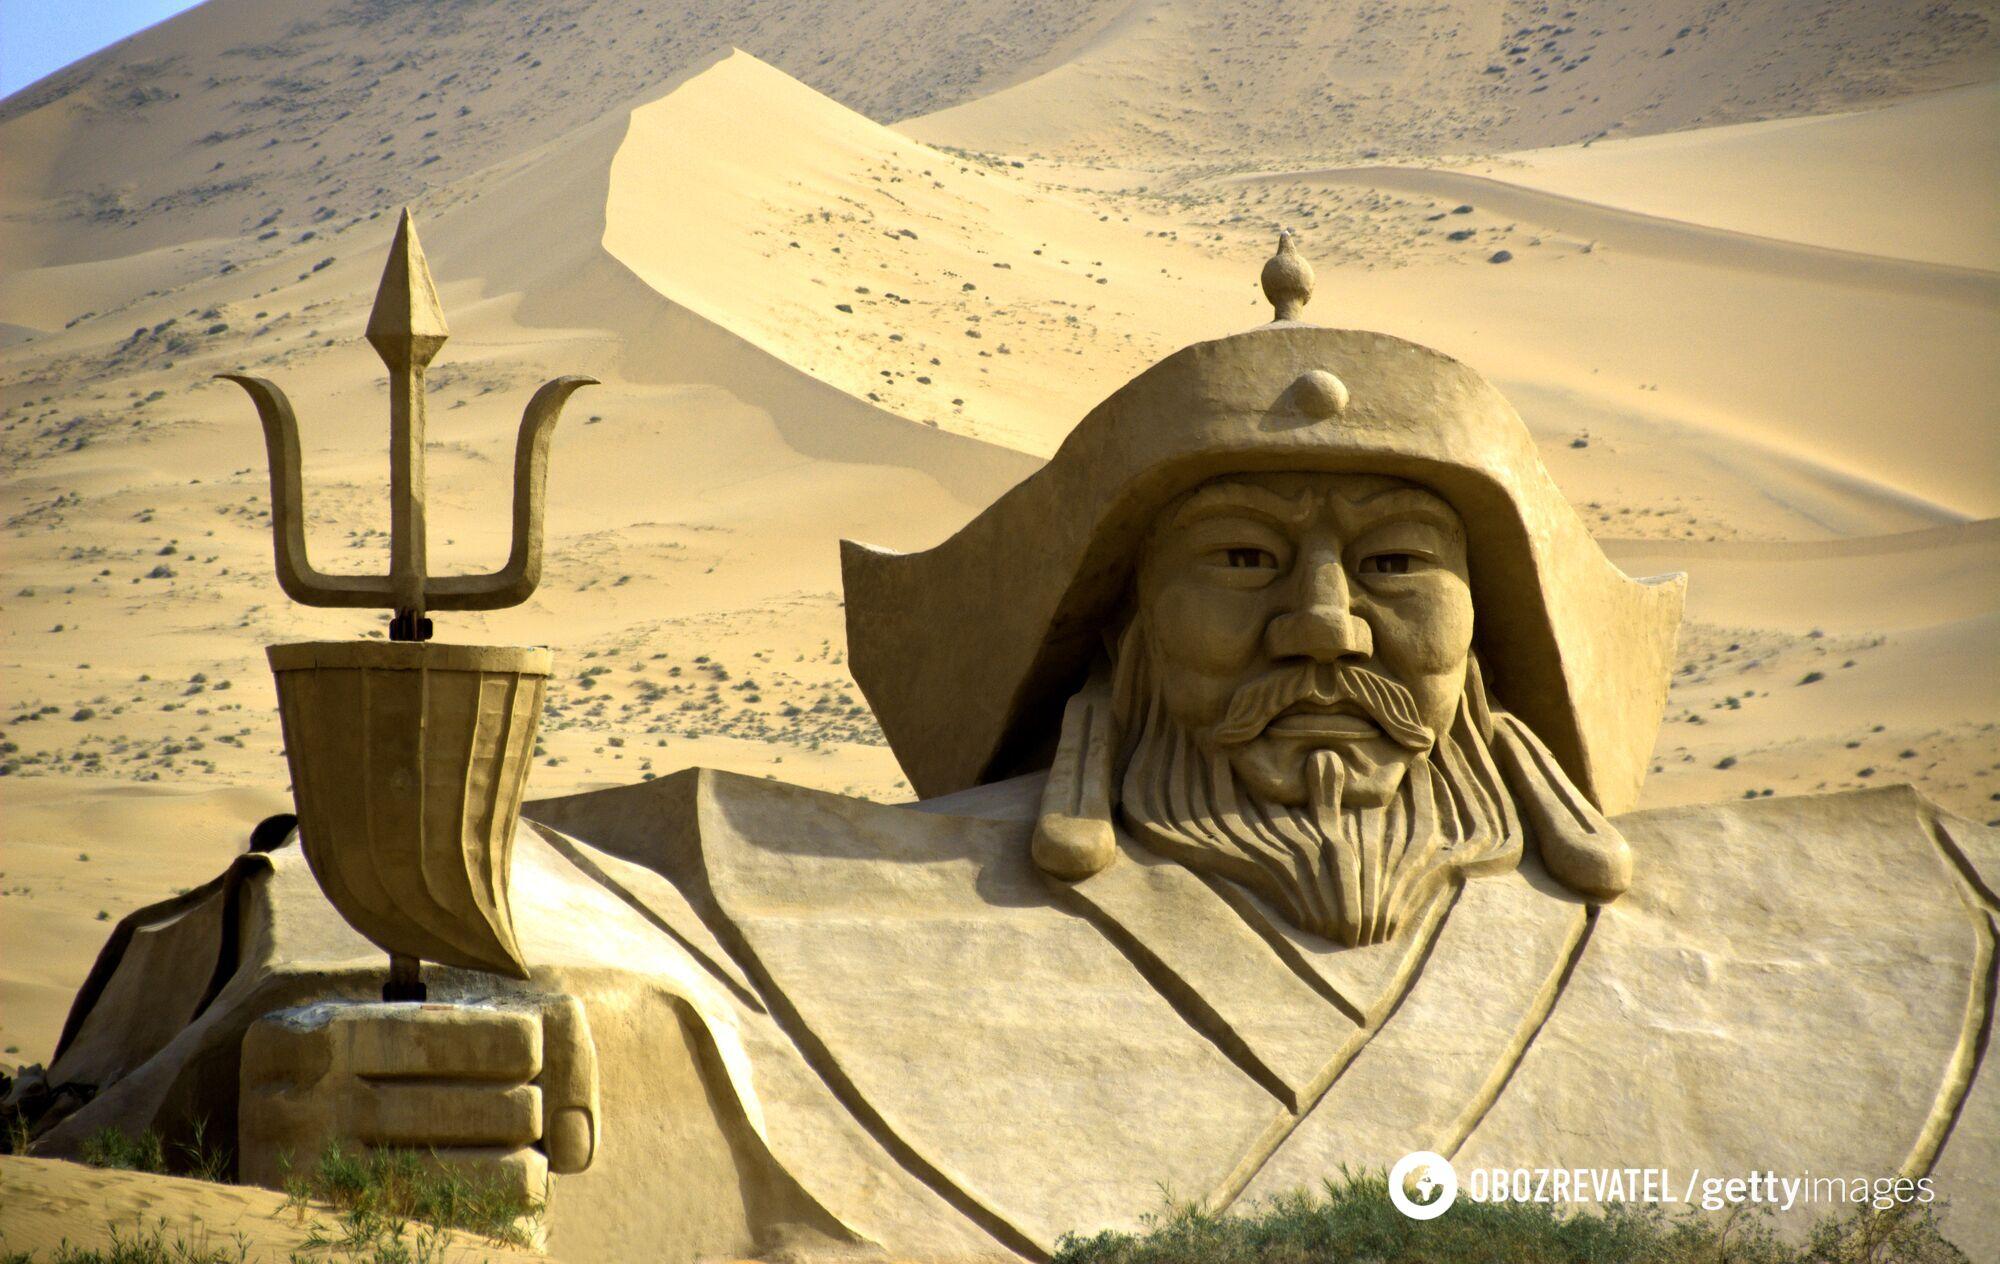 Величезна статуя Чингісхана посеред пустелі Бадайн-Джаран у Внутрішній Монголії, Китай